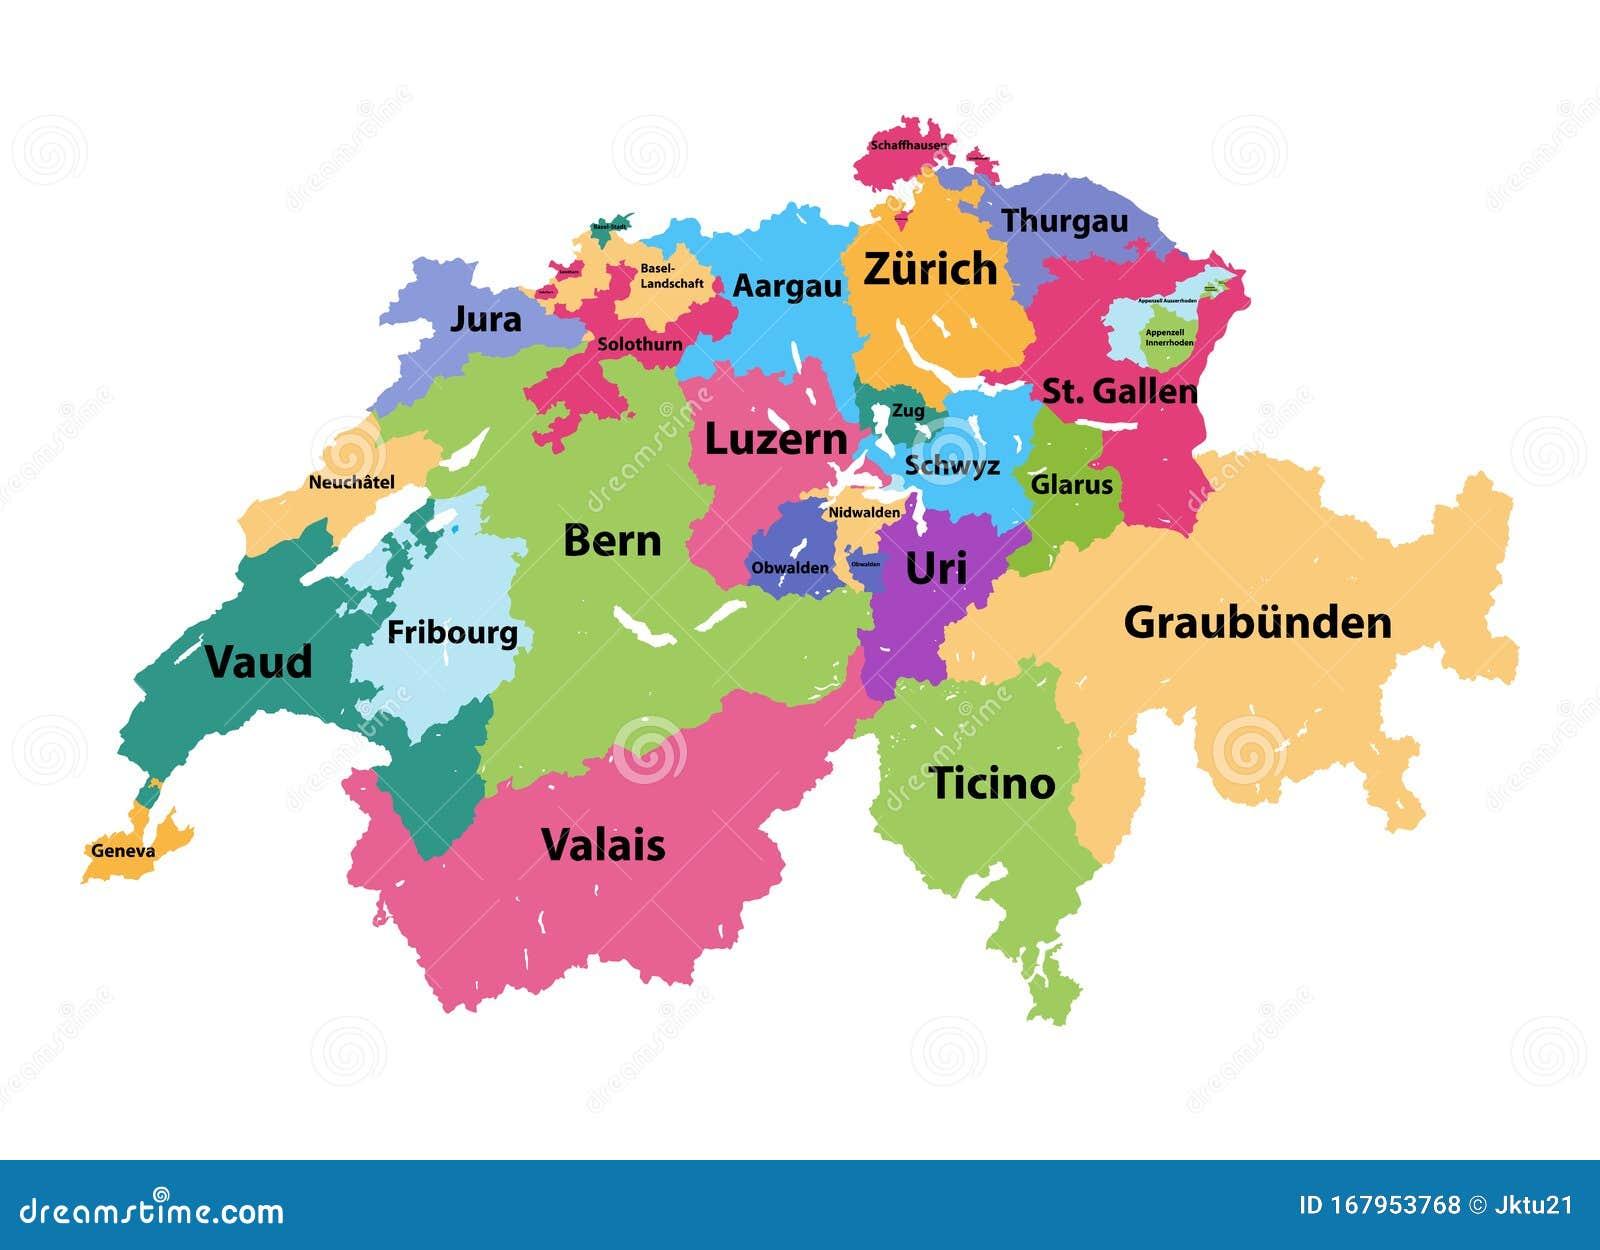 Cantoni Cartina Politica Svizzera.Mappa Vettoriale Della Svizzera Colorata Dai Cantoni Illustrazione Vettoriale Illustrazione Di Stampa Amministrativo 167953768